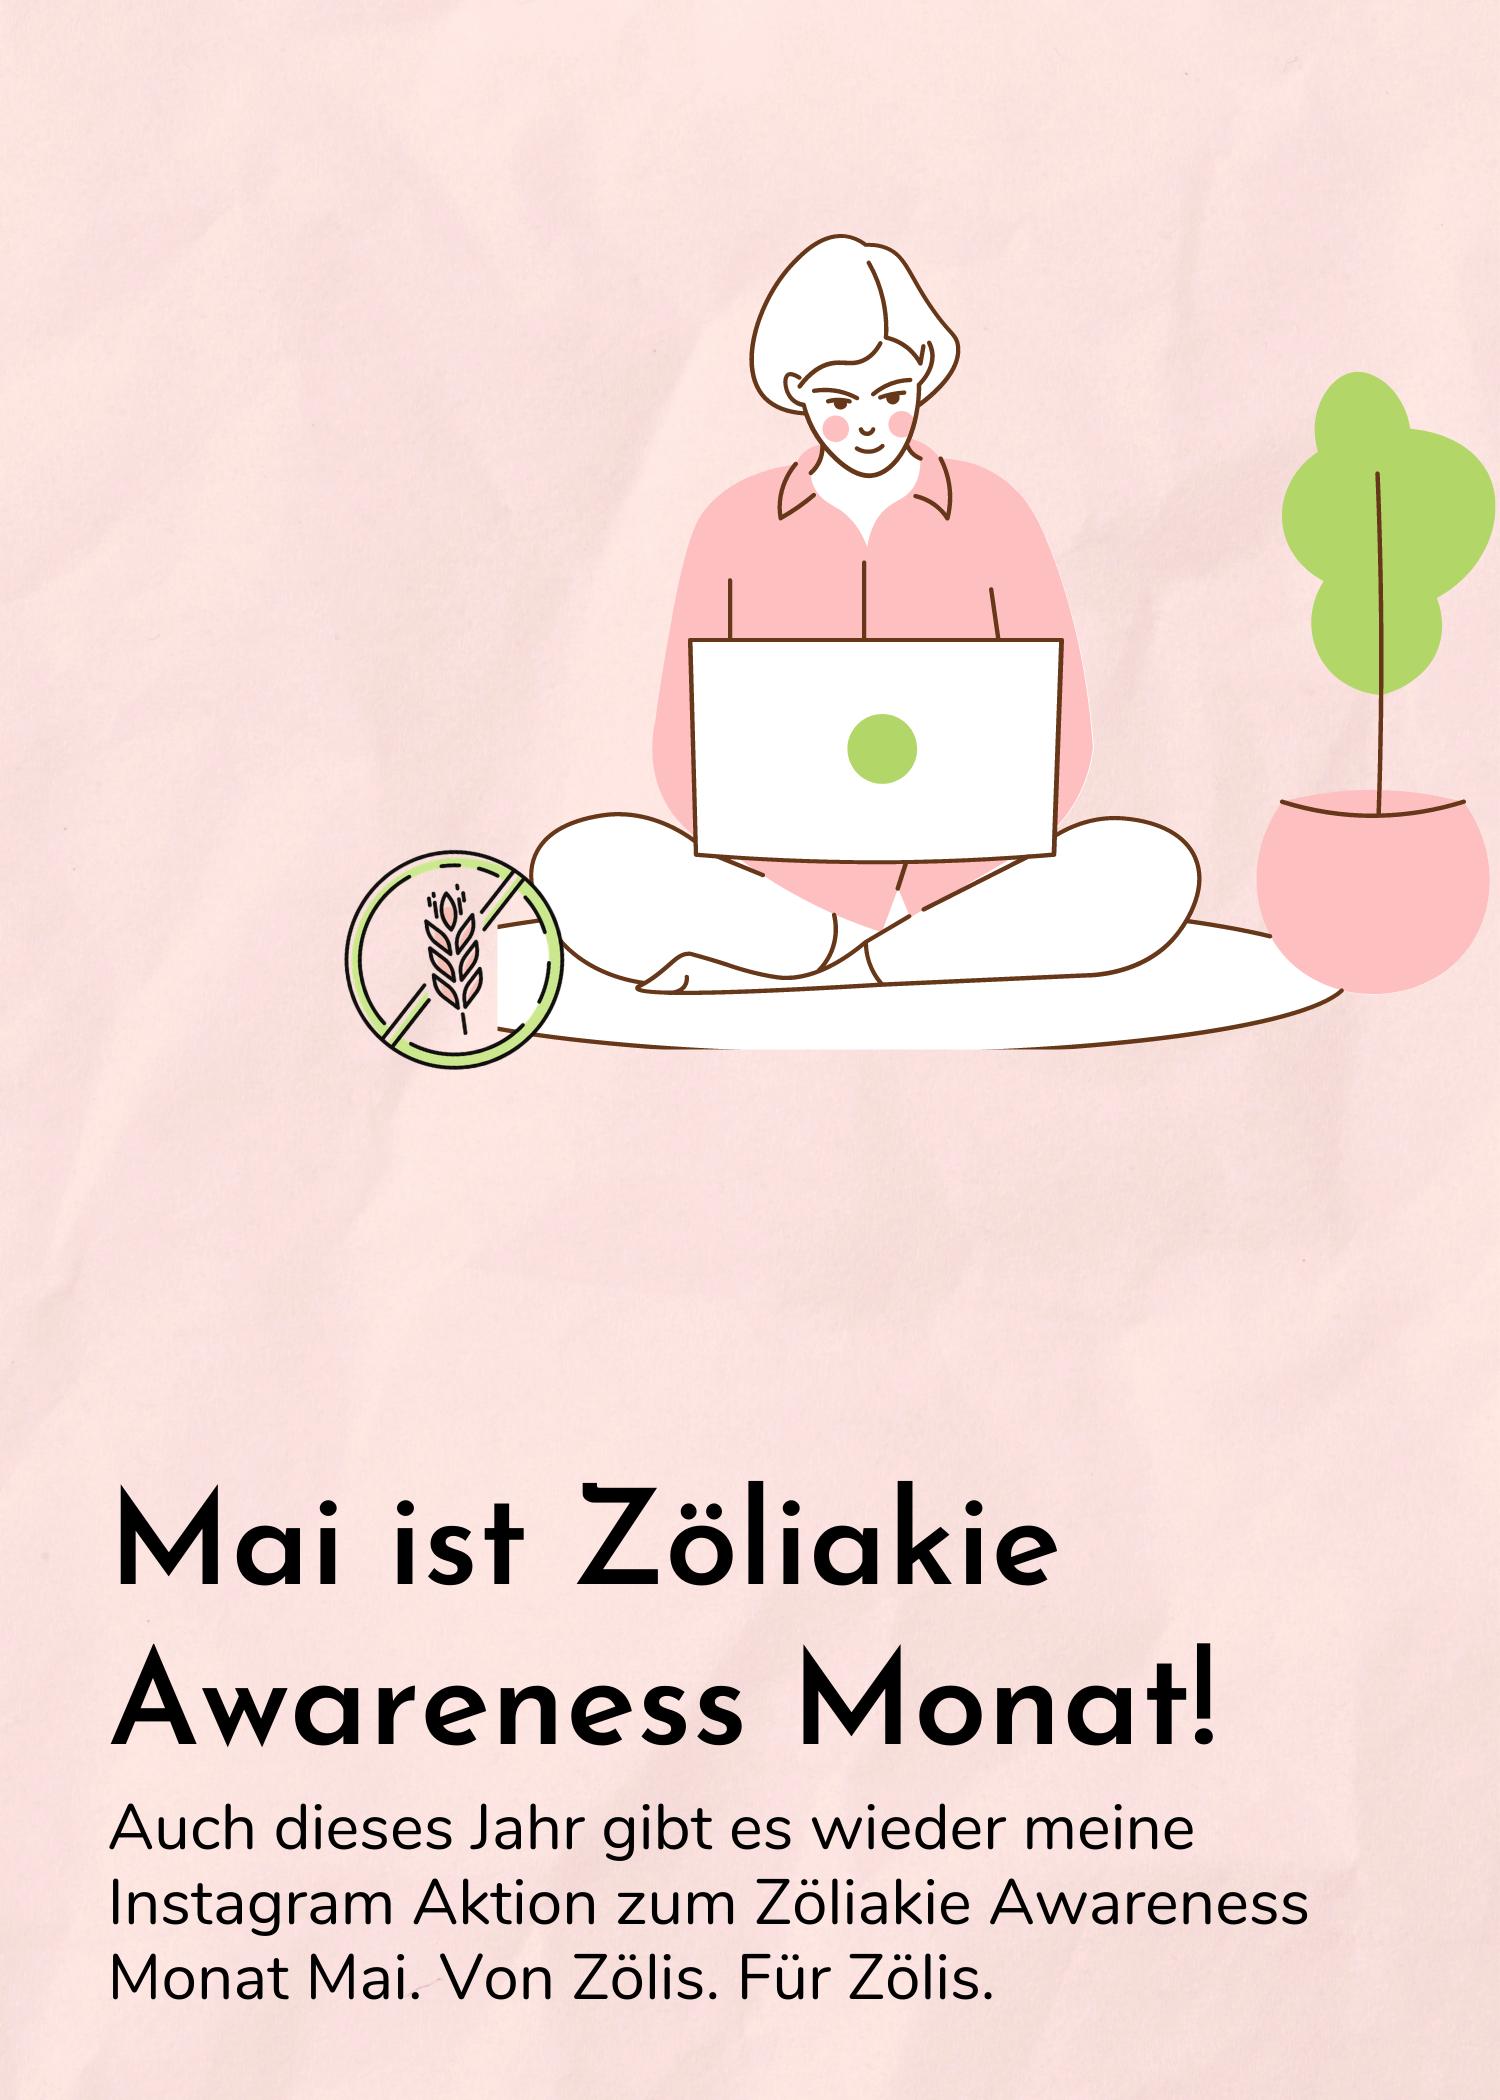 Der Zöliakie Awareness Monat Mai – Die Instagram Mitmach-Aktion geht in die zweite Runde – 2021